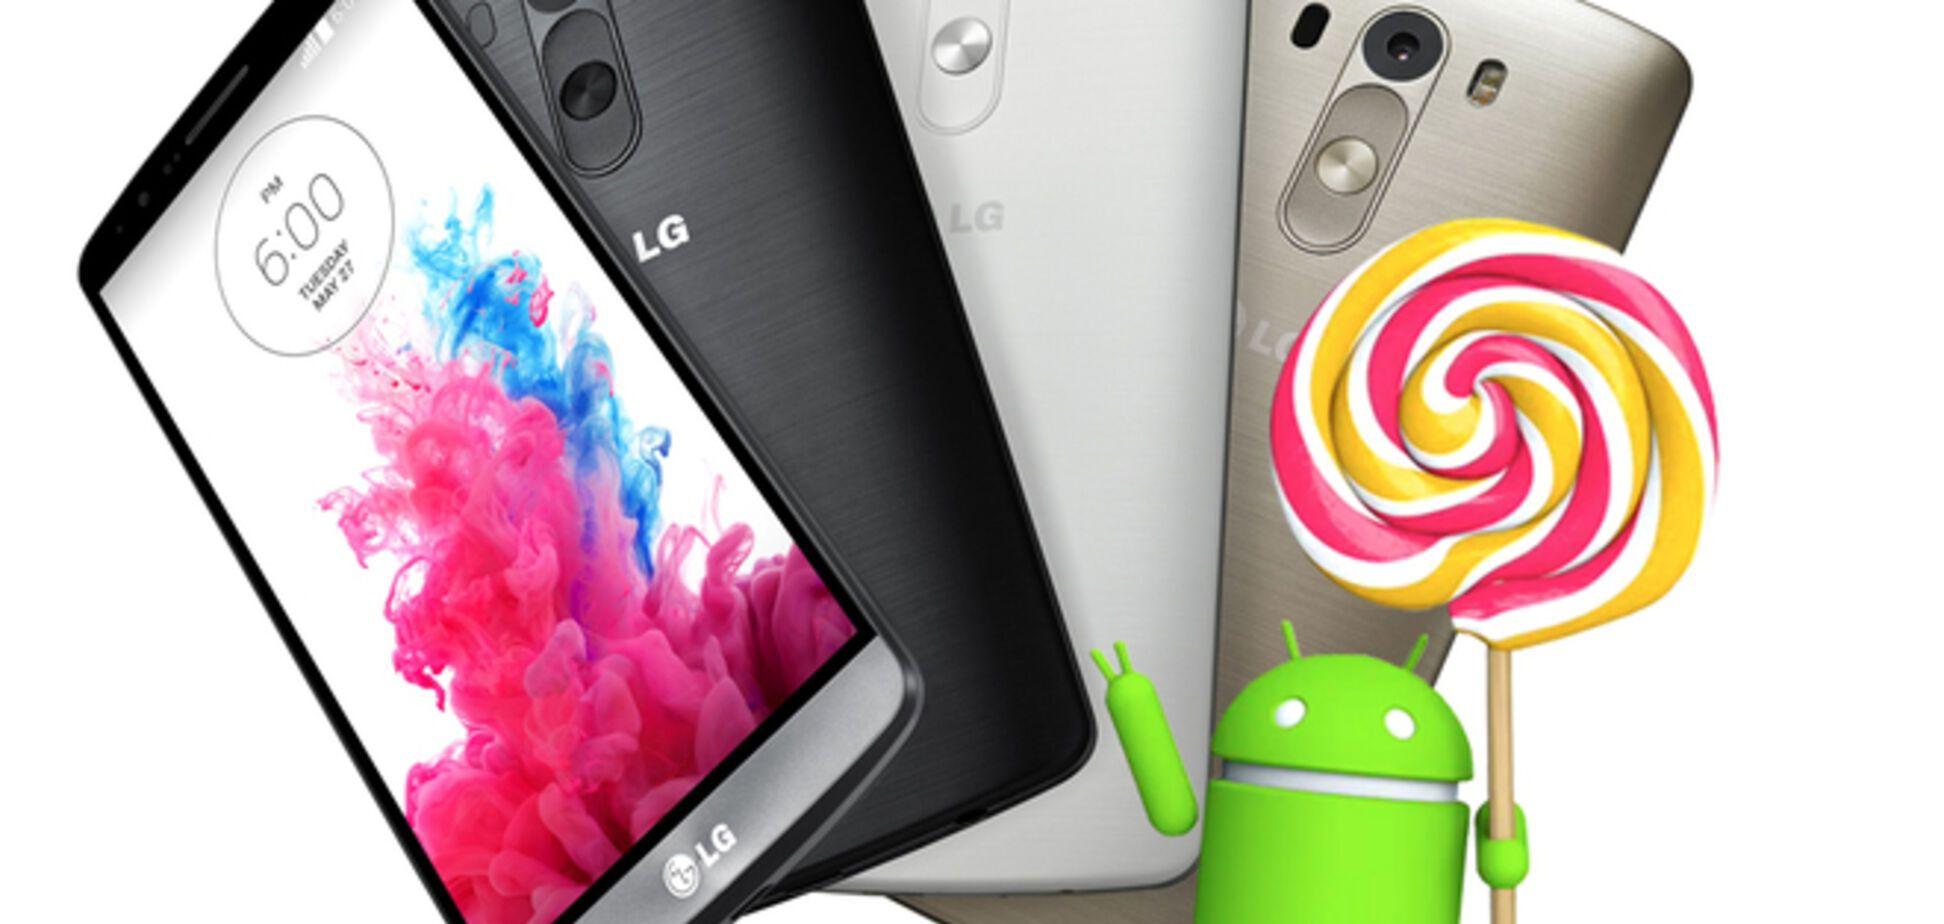 LG первой обновит свои смартфоны до Android 5.0 Lollipop